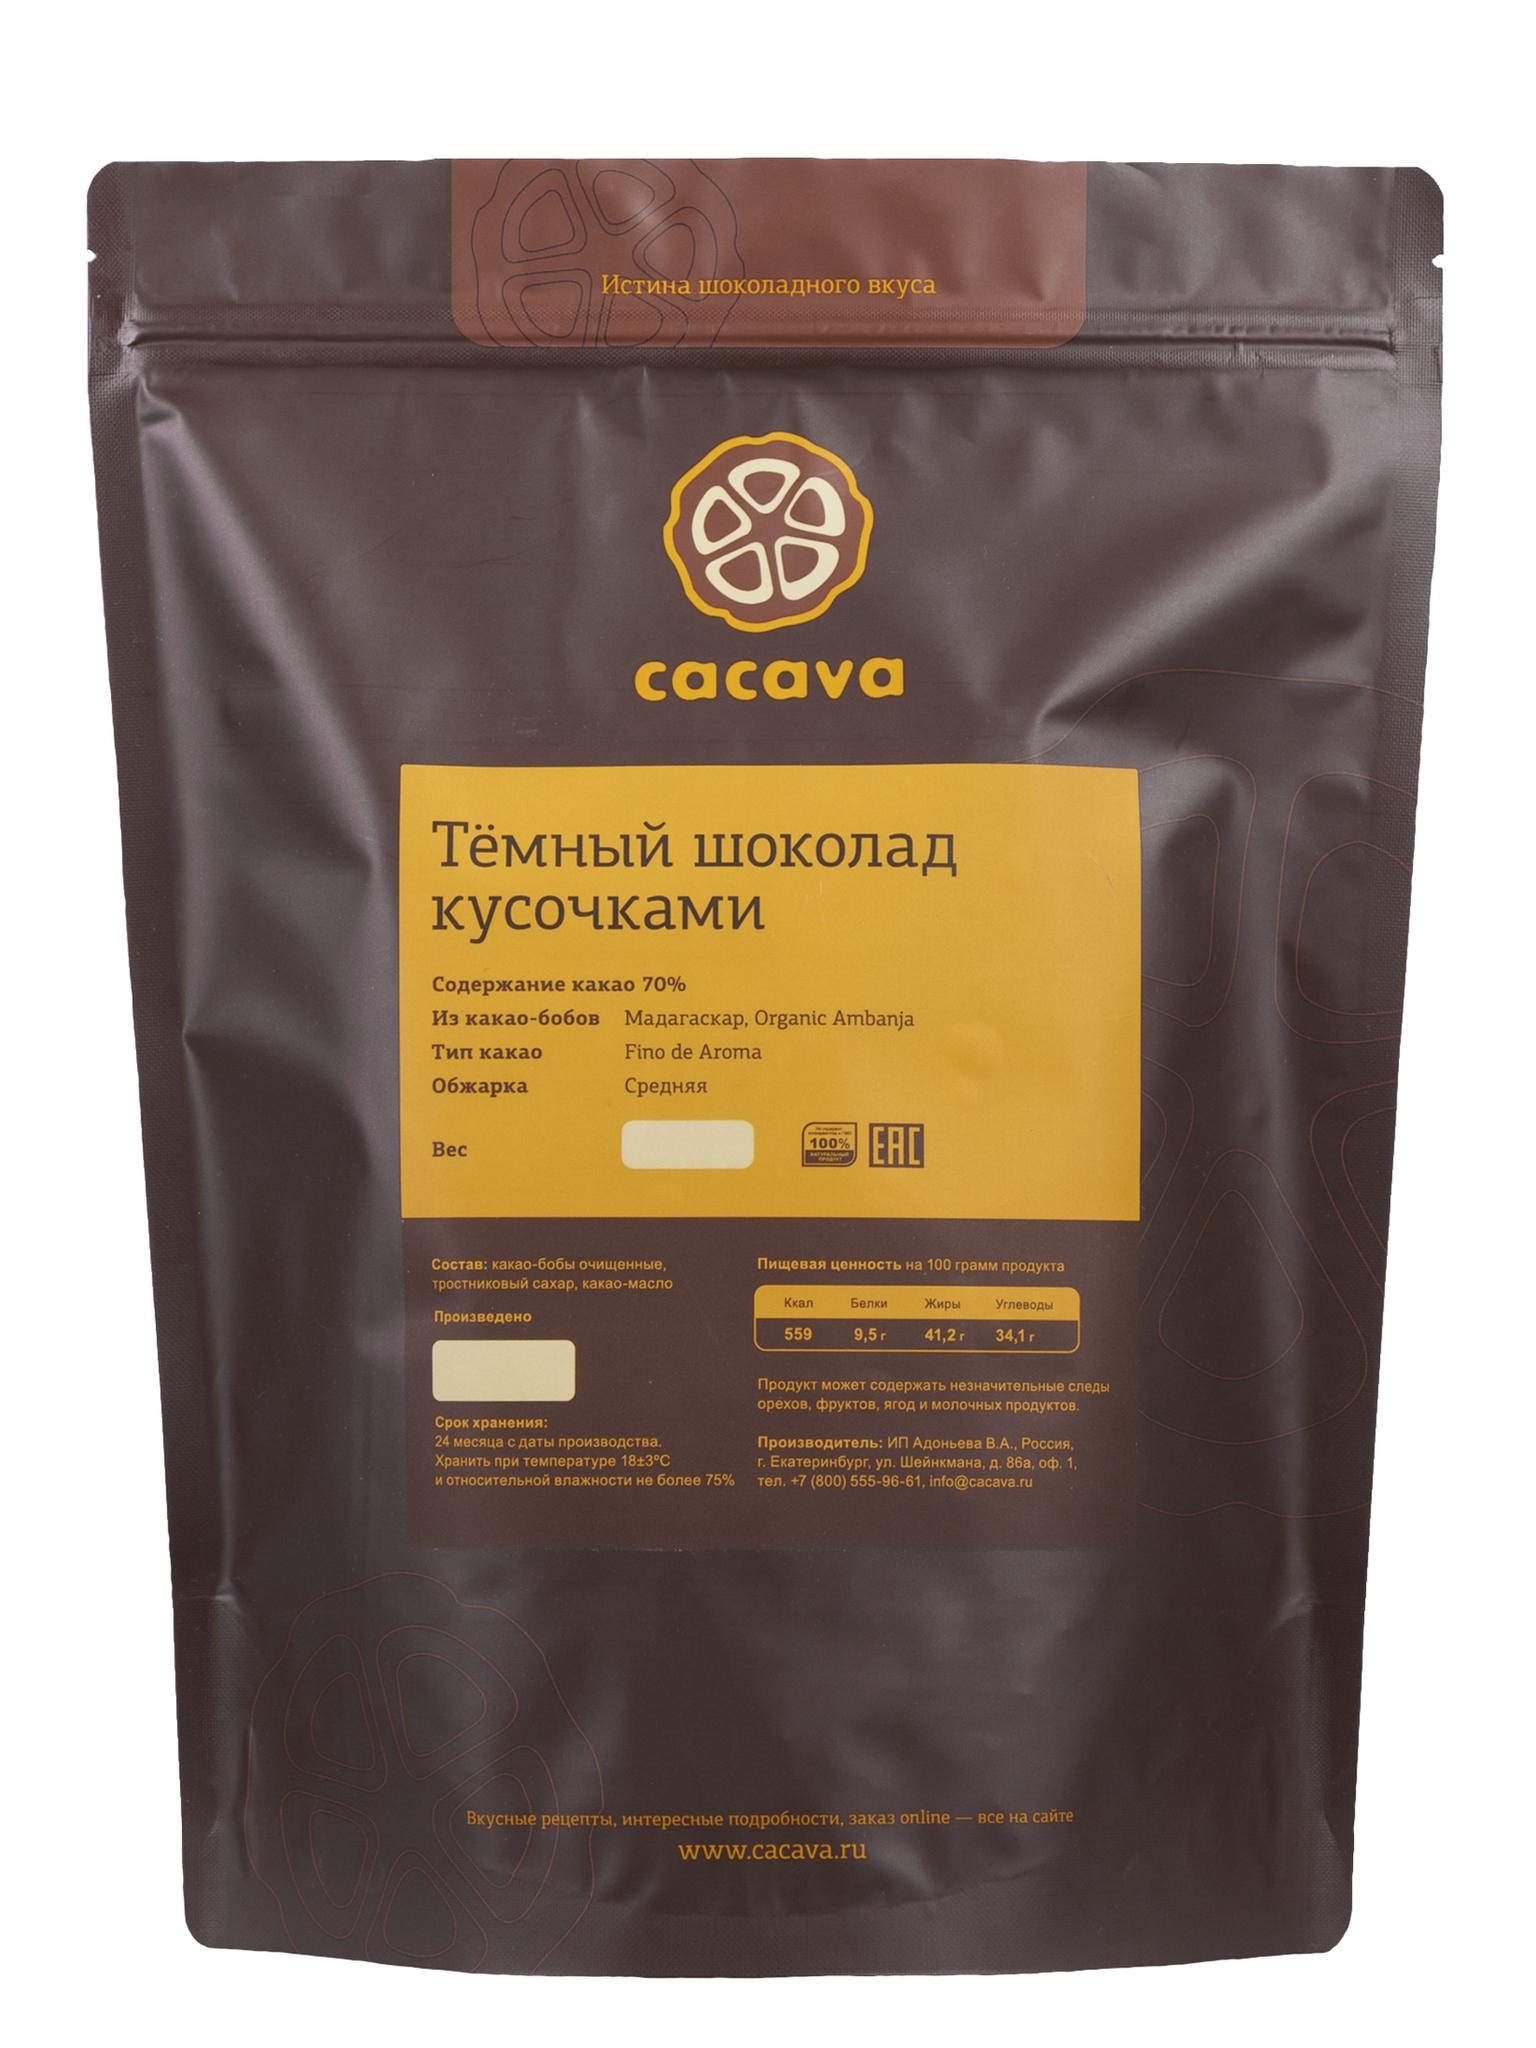 Тёмный шоколад 70 % какао (Мадагаскар), упаковка 1 кг